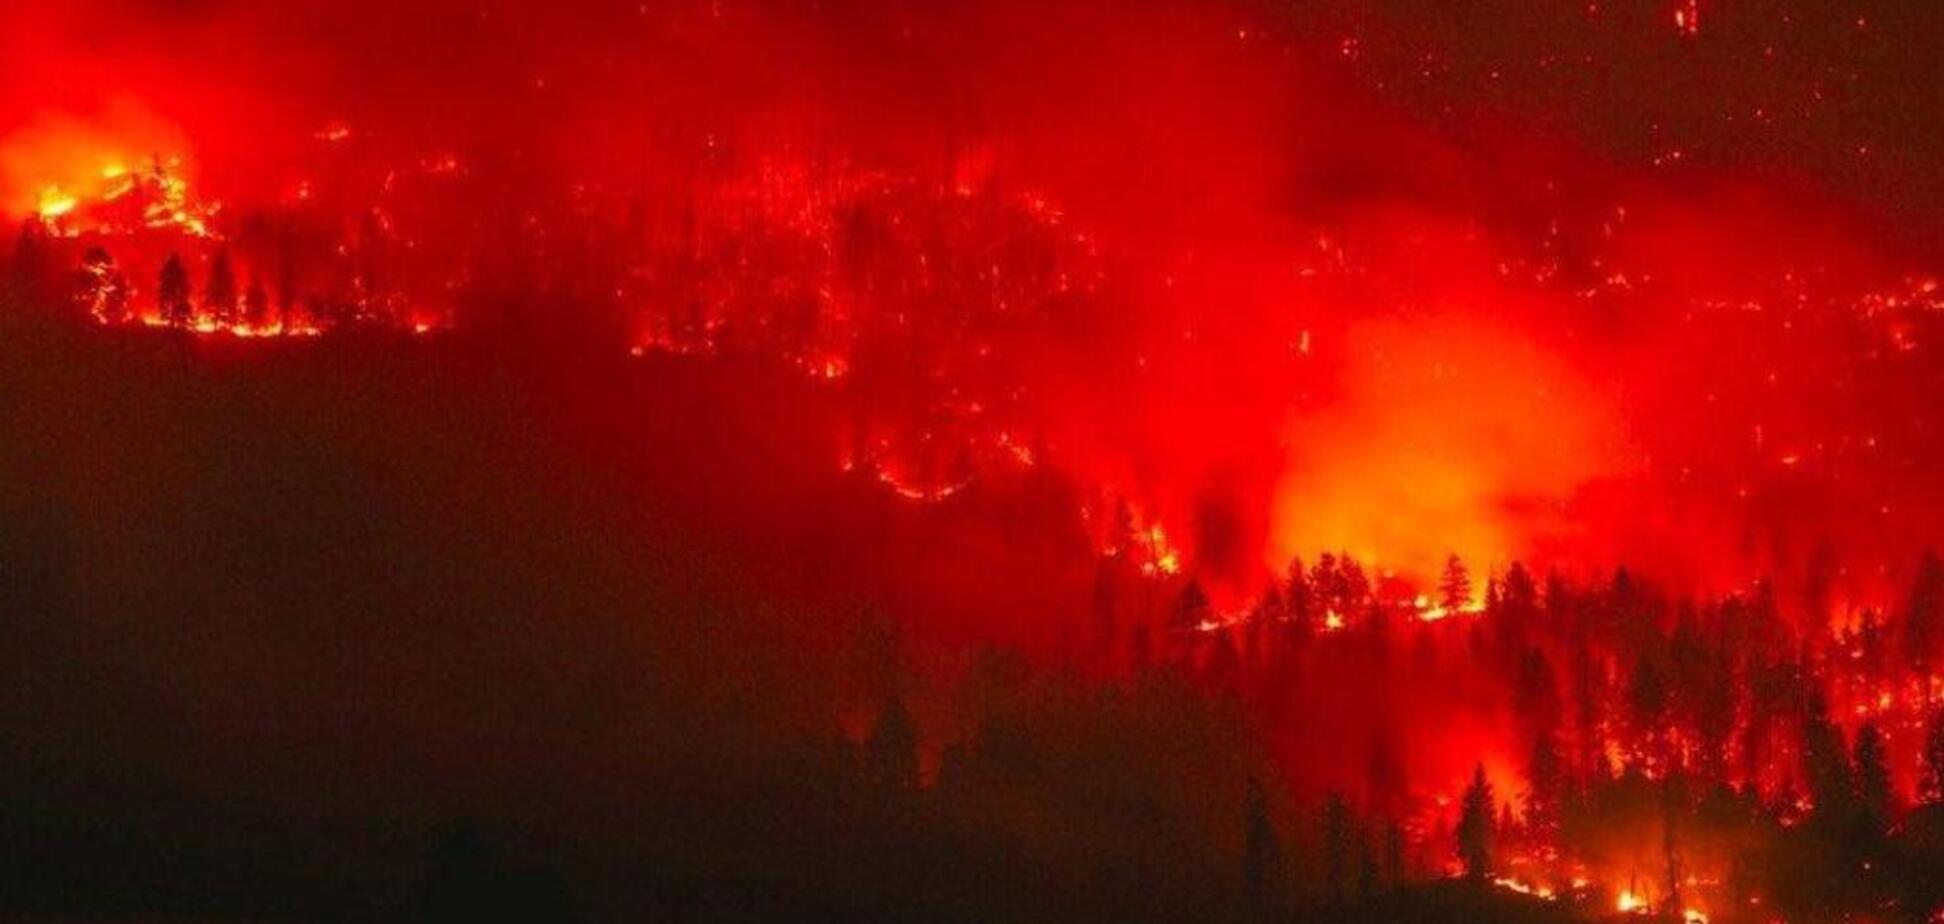 Сибір гине у вогні: в Росії задихнулися від пекельної пожежі. Фото і відео з космосу